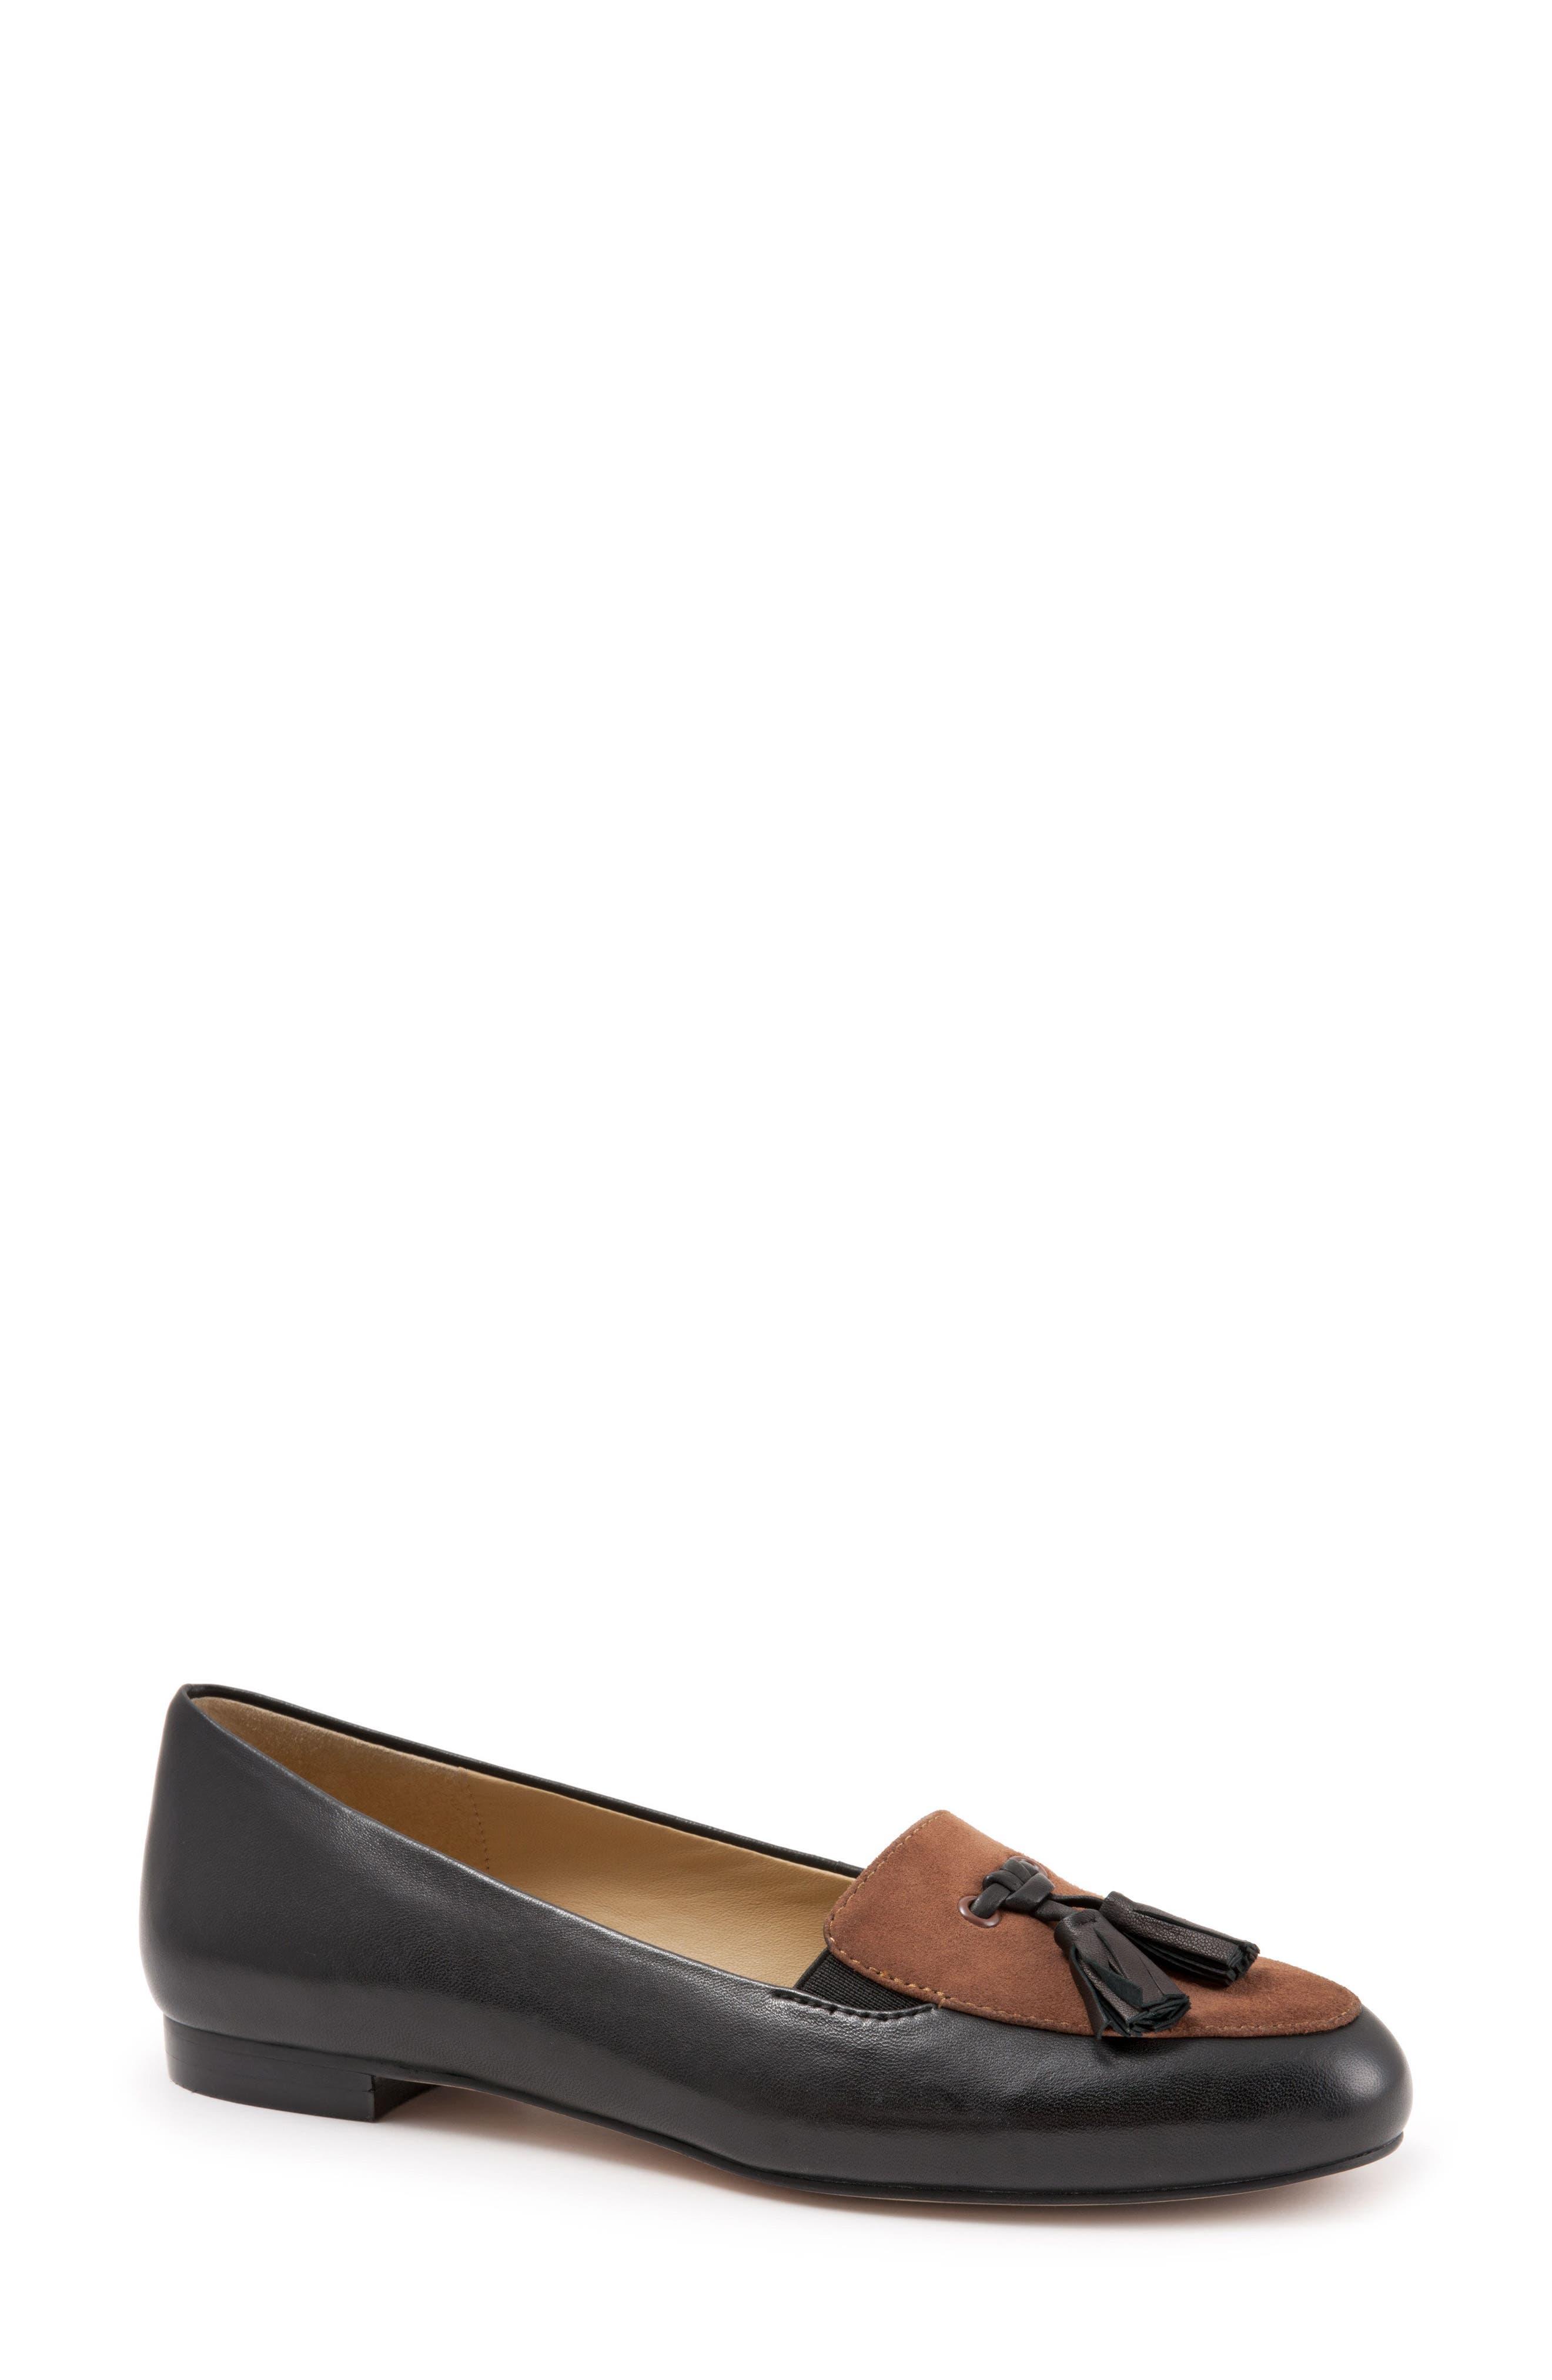 'Caroline' Tassel Loafer,                         Main,                         color, Black/ Tobacco Leather